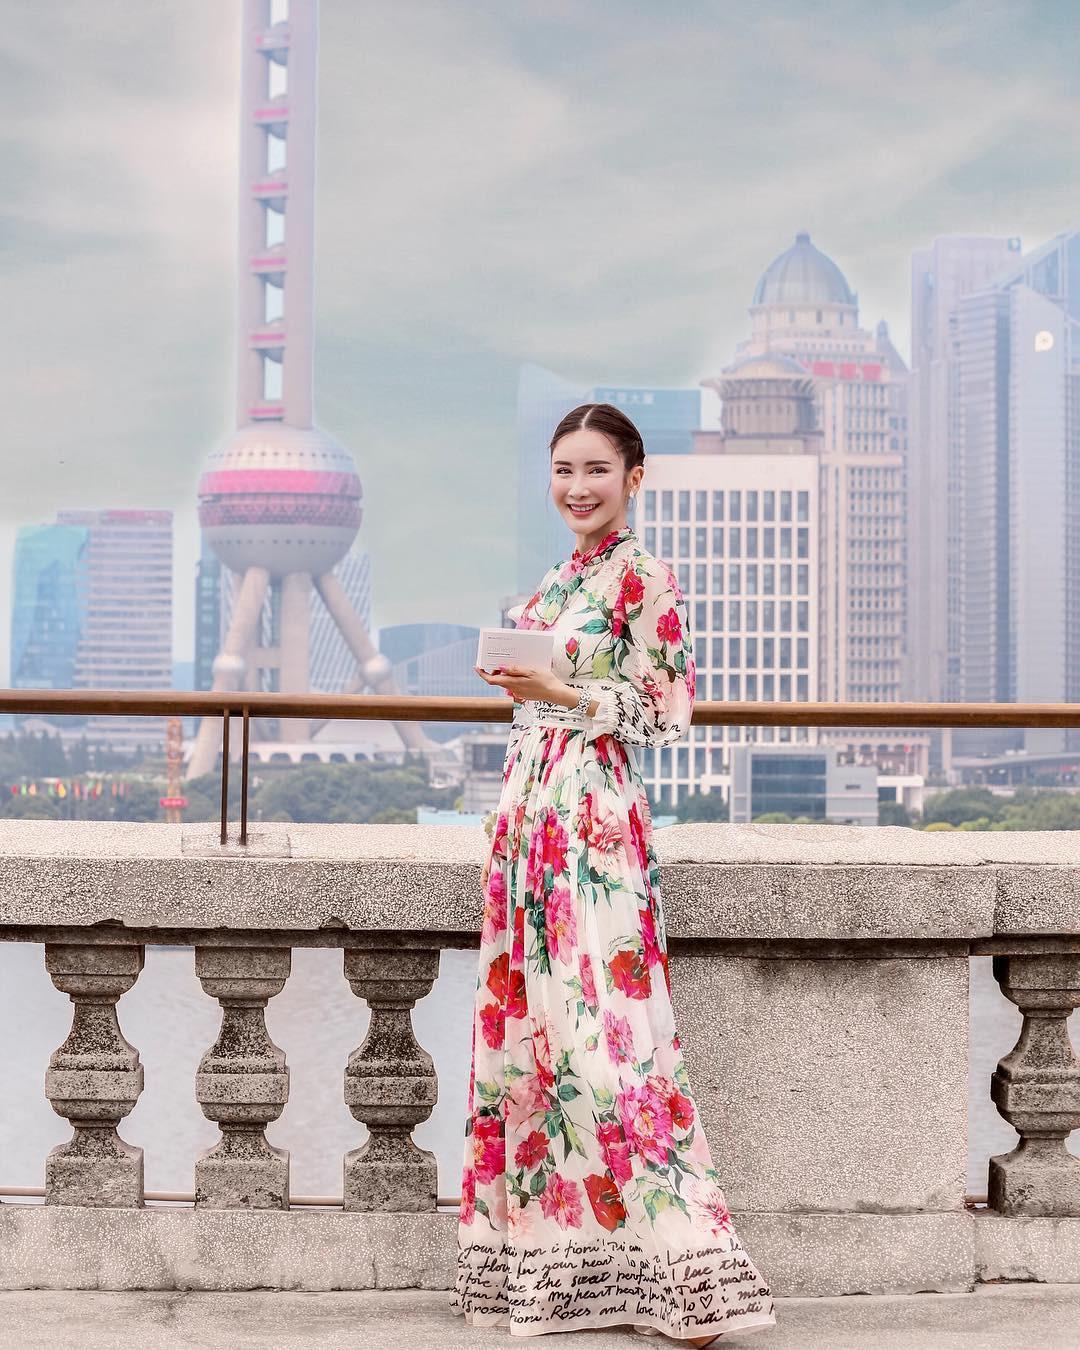 Cuộc sống nhung lụa nhất nhì châu Á của hai nàng tiếp viên hàng không bỏ nghề làm vợ đại gia - Ảnh 15.